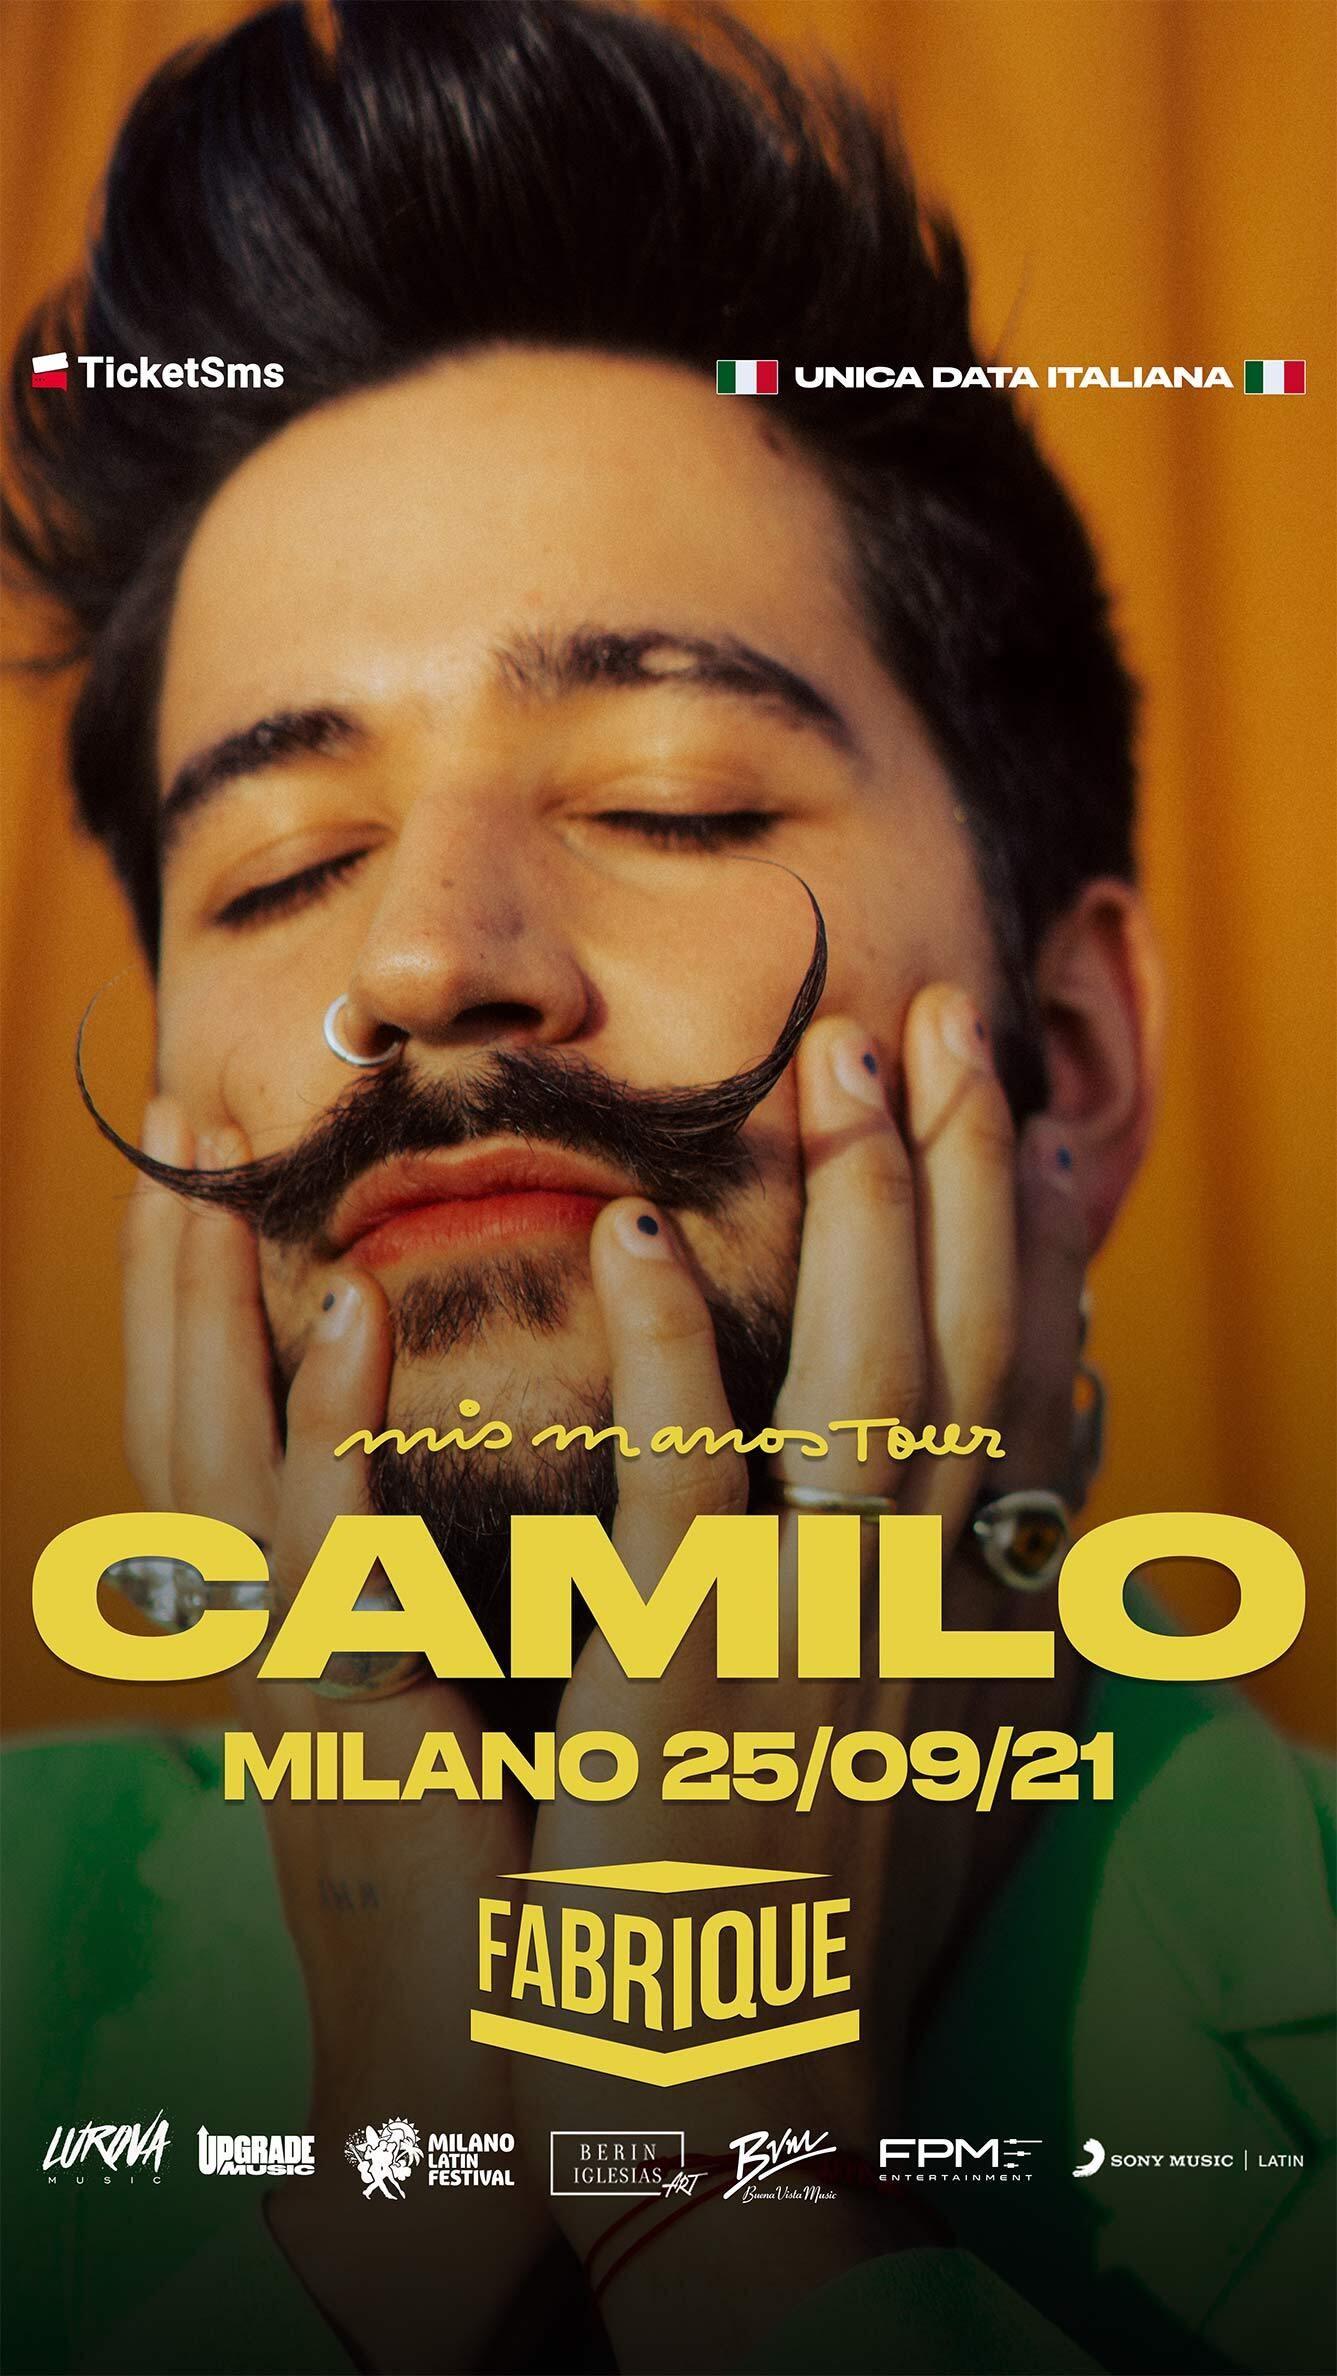 Camilo -  Fabrique Milano